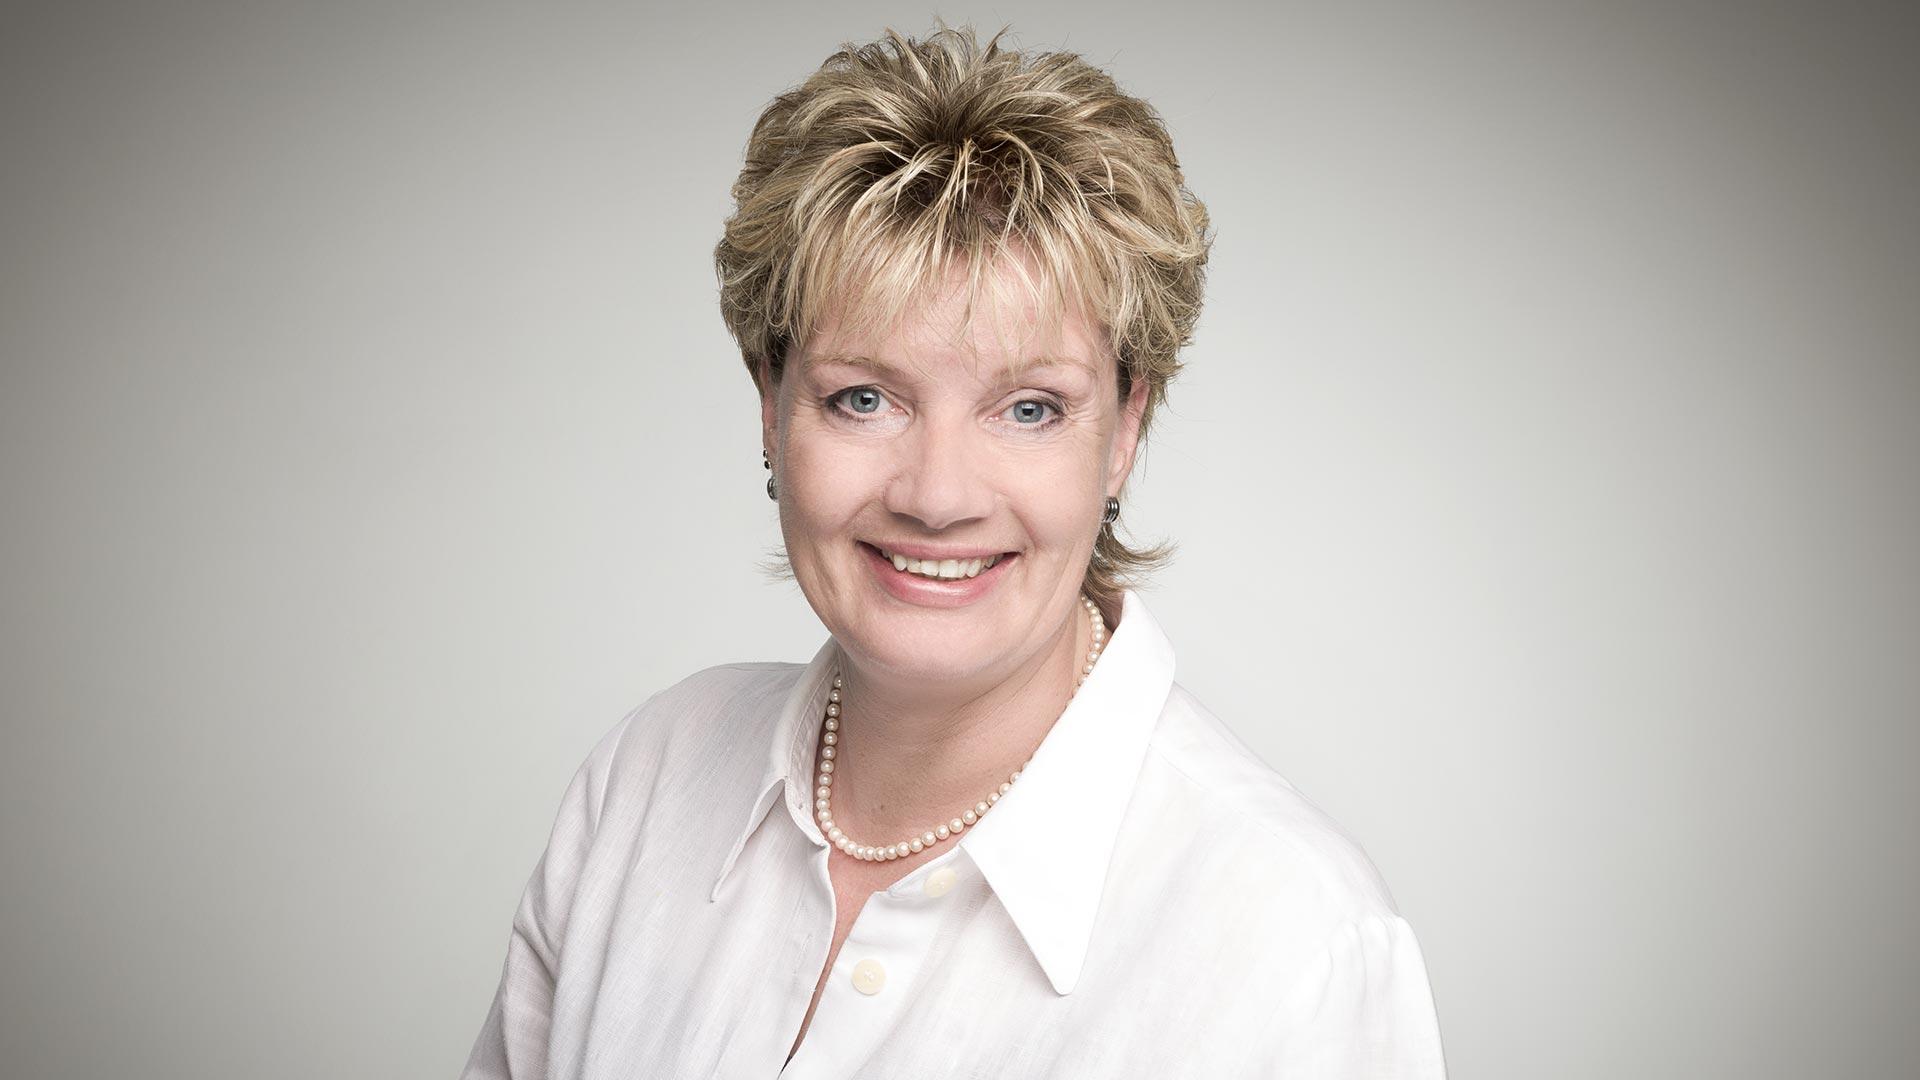 Monika Ernst, Assistenz der Geschäftsführung der Osnabrücker Parkstätten-Betriebsgesellschaft